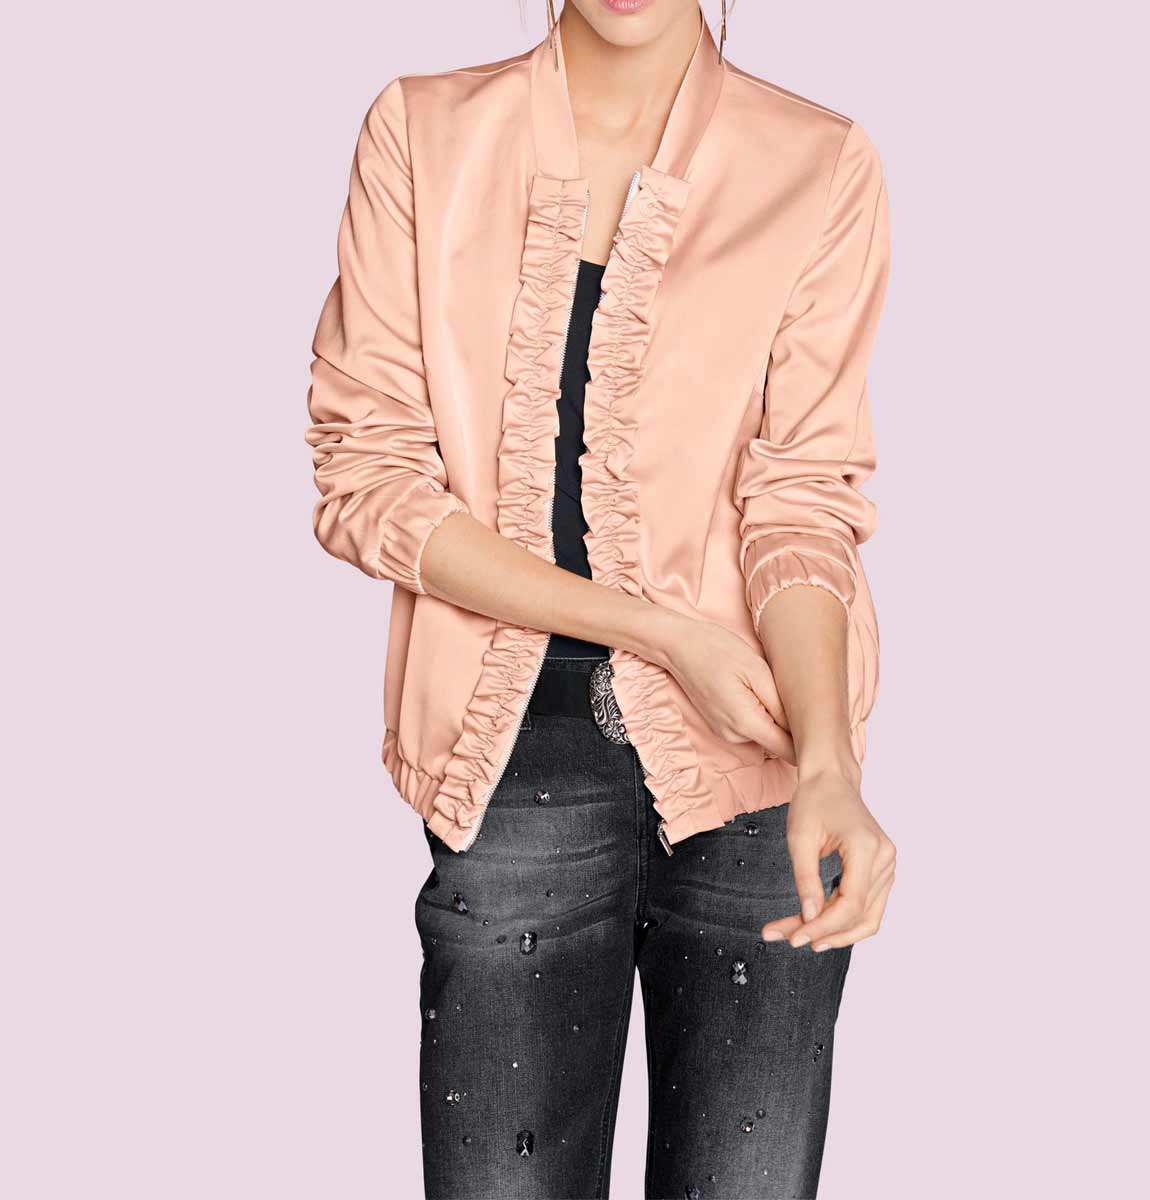 jacken auf rechnung bestellen als neukunde Damen-Blouson, rosé 007.432a MISSFORTY